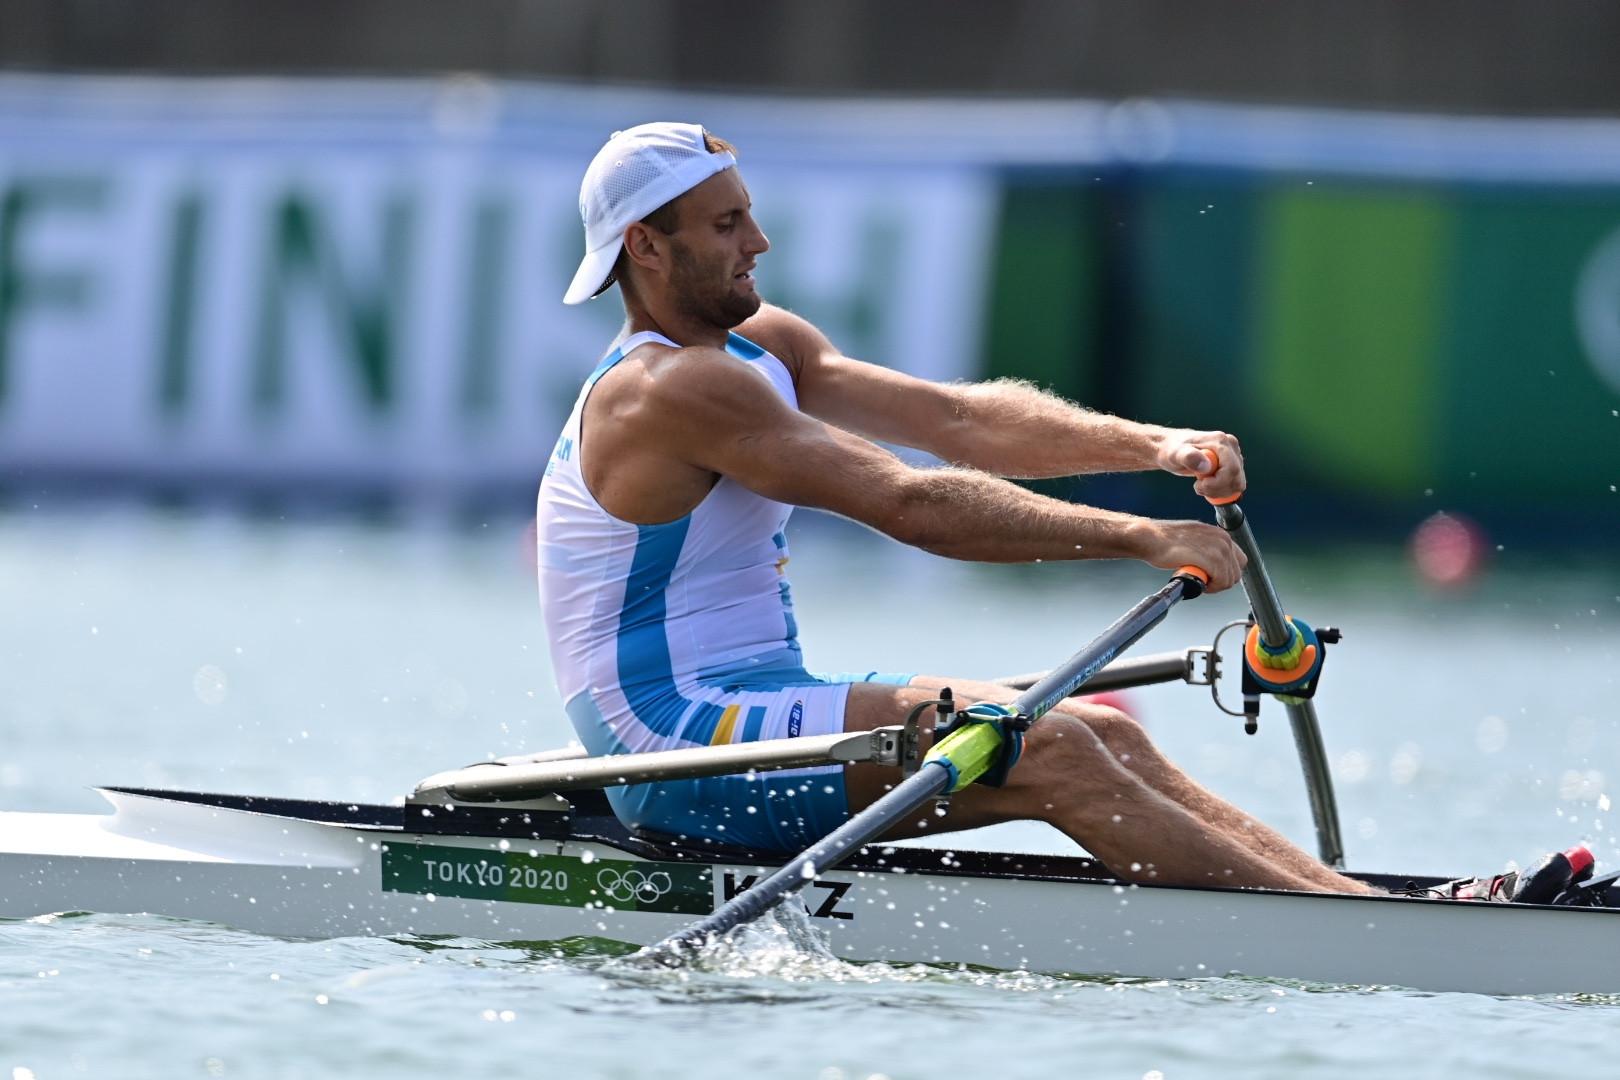 На Олимпийских играх в Токио казахстанец стал третьим в предварительном заезде по академической гребле